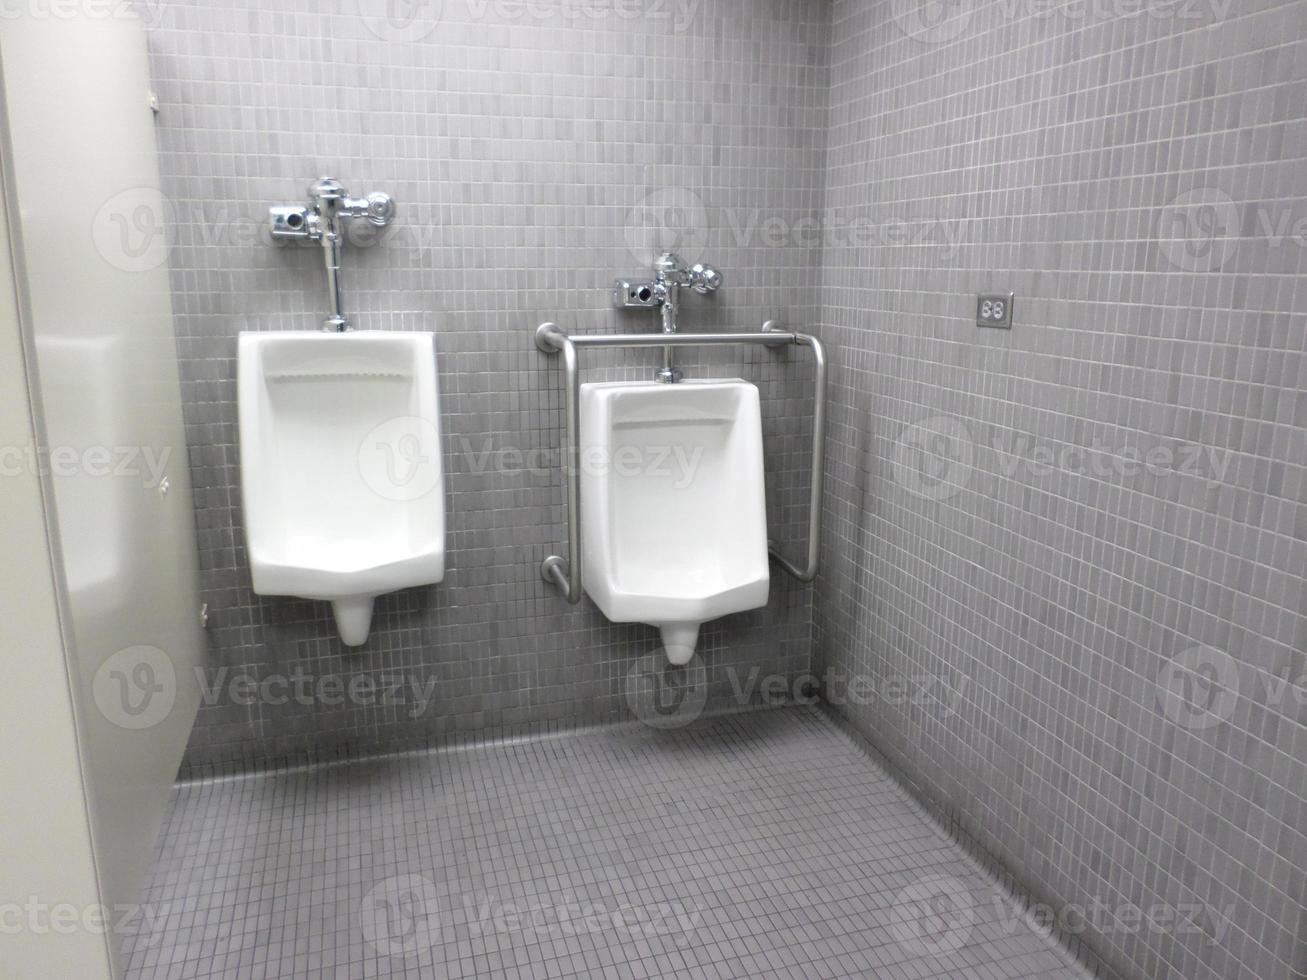 urinarios en baños públicos foto